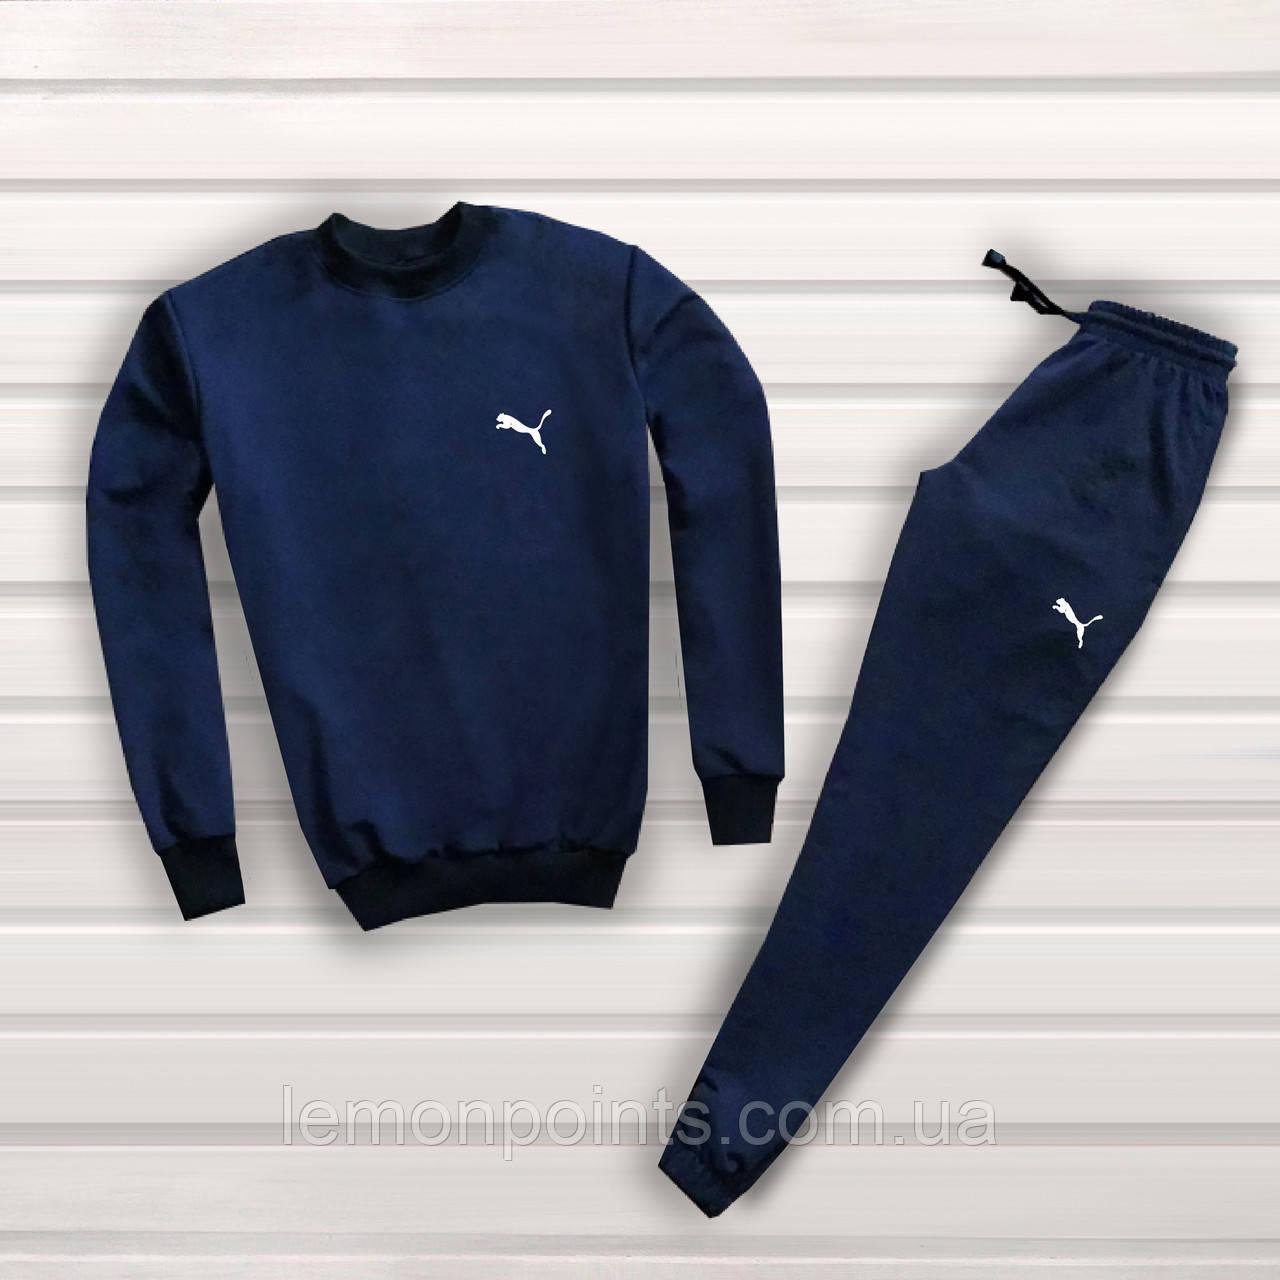 47a042095086 Мужской спортивный костюм, чоловічий спортивний костюм Puma S1169, Реплика